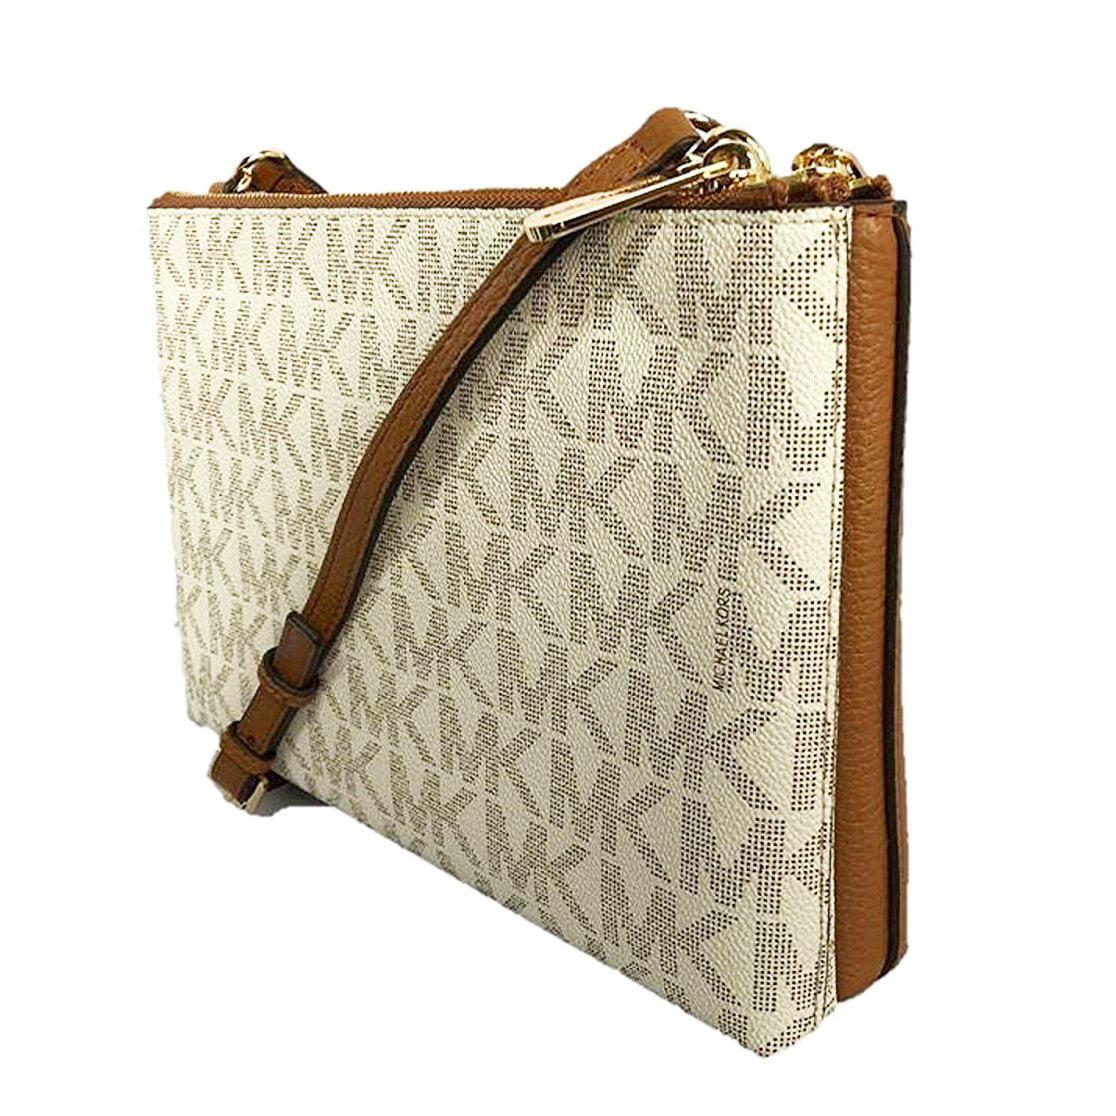 520864271635 NEW MICHAEL KORS JET SET DOUBLE GUSSET SIGNATURE VANILLA ACORN CROSSBODY BAG  - Walmart.com